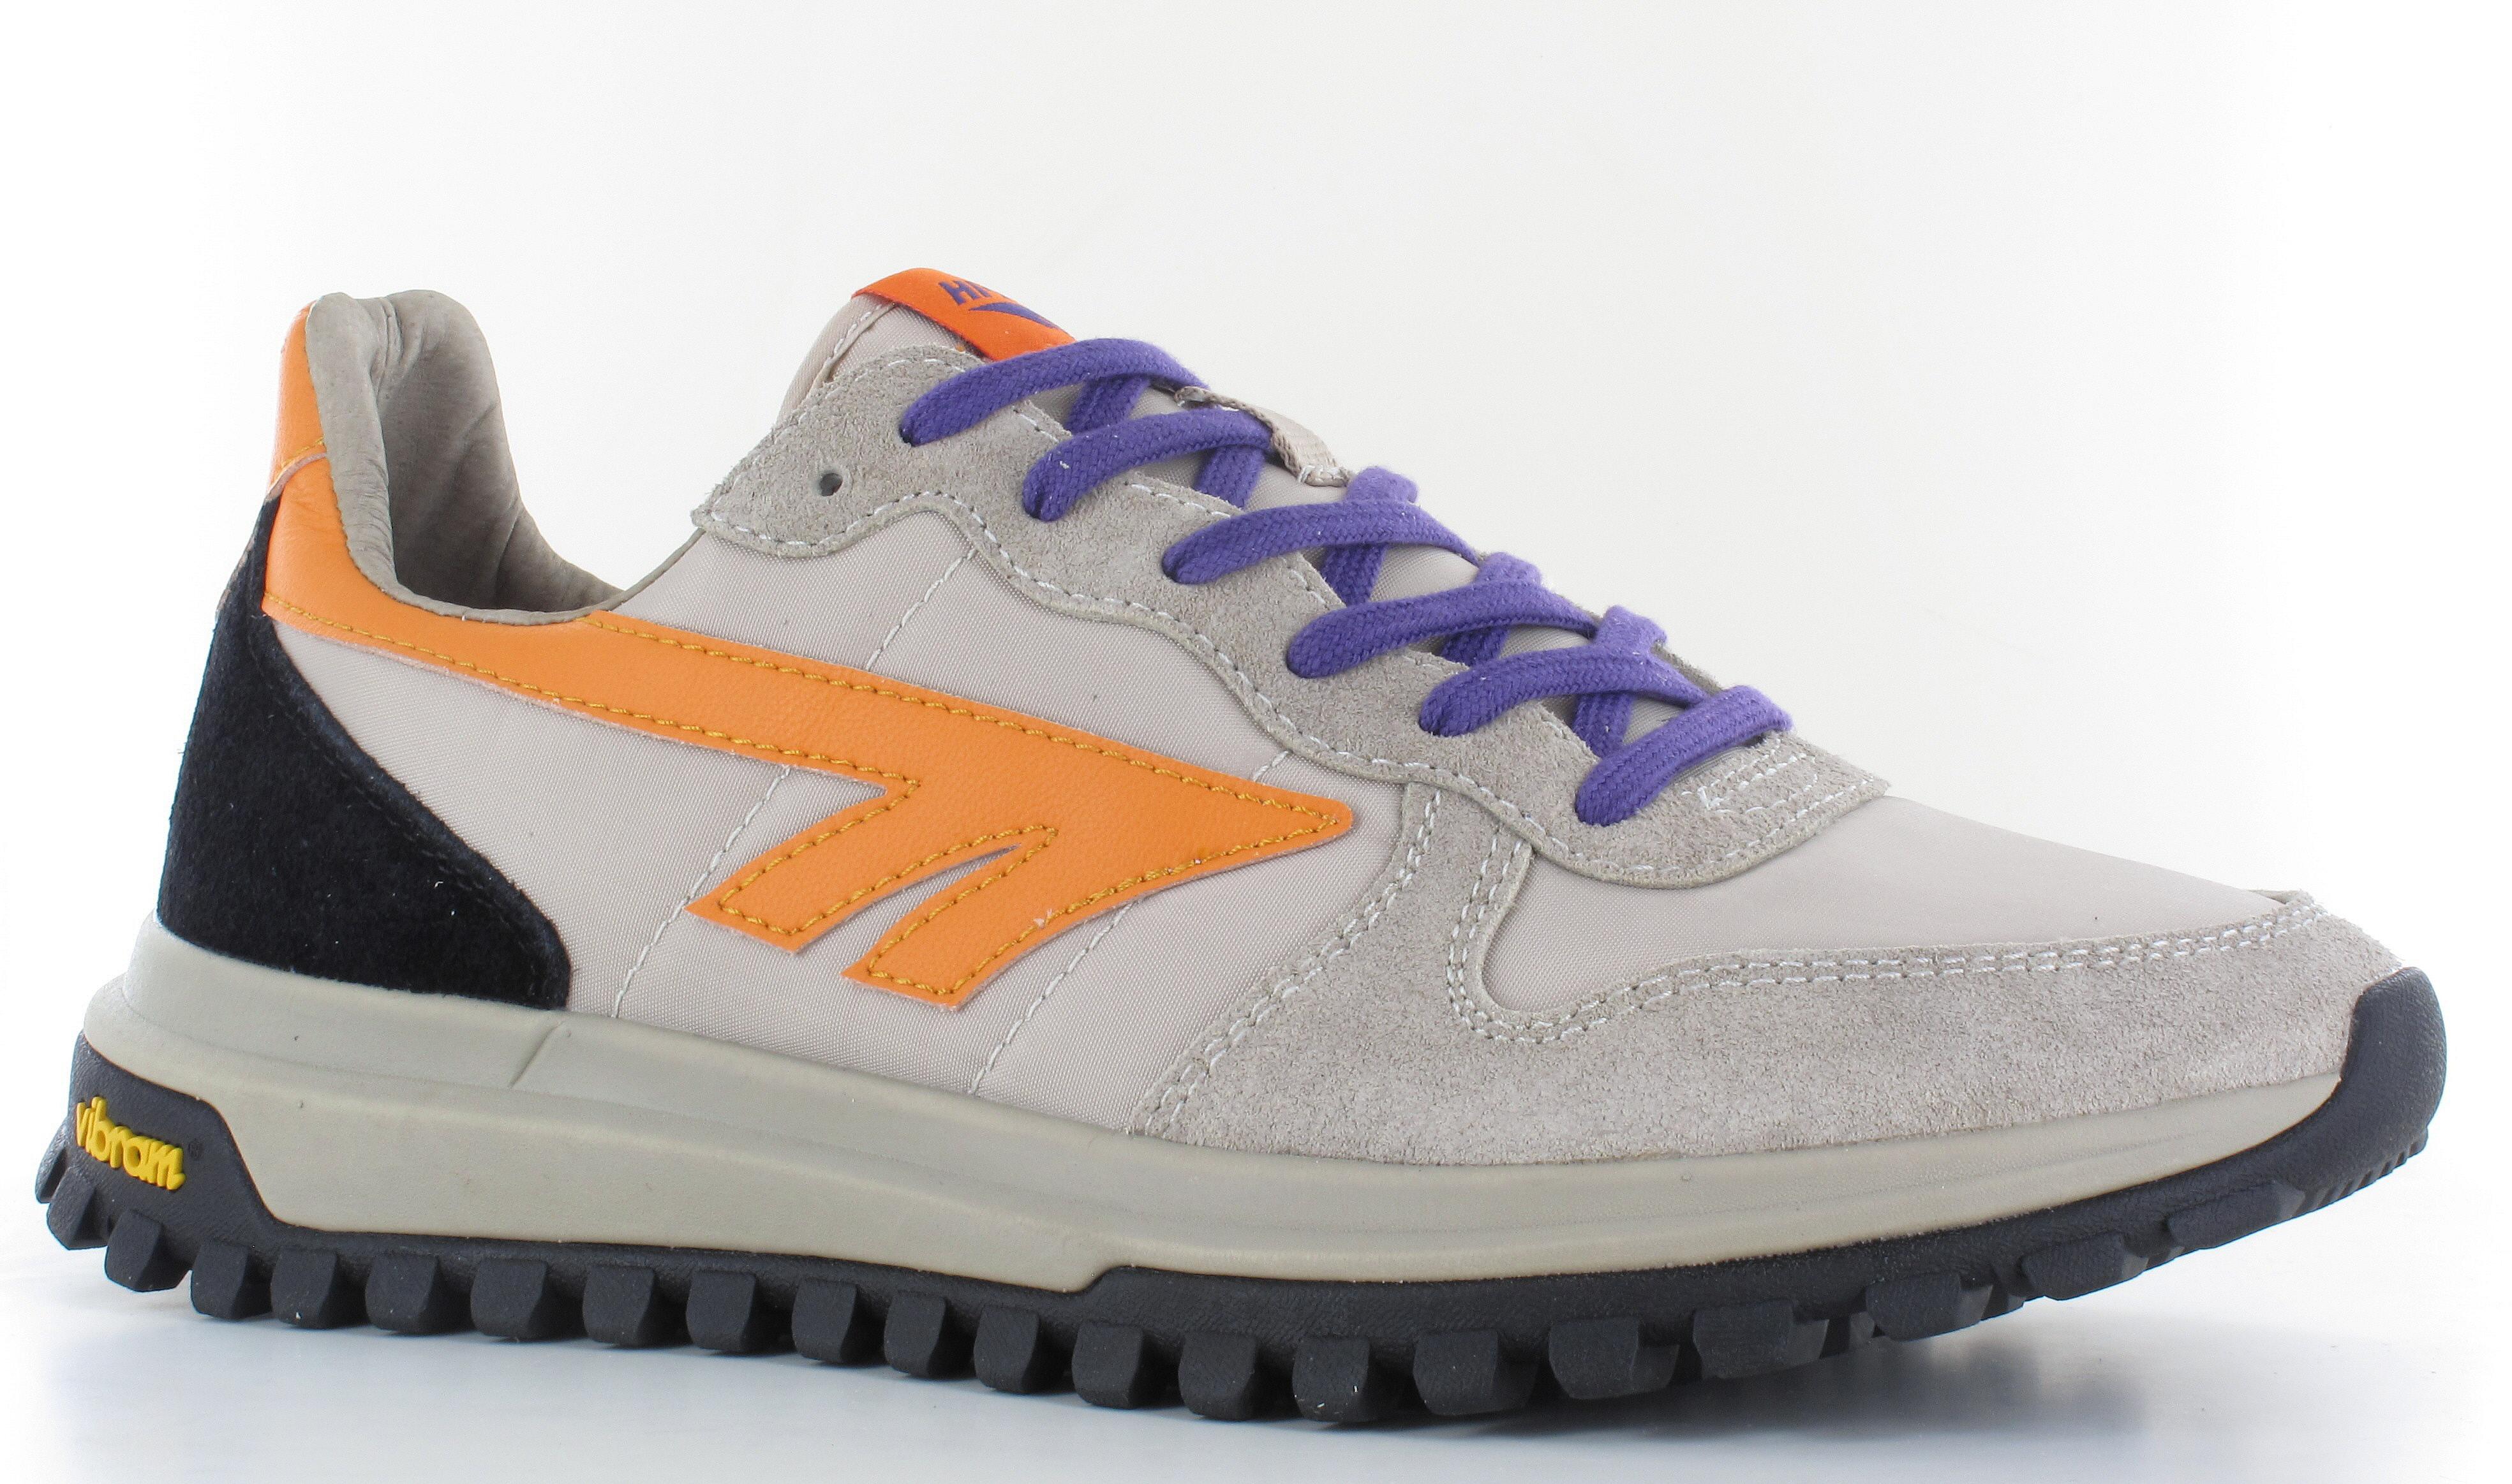 HI-TEC GTR sneakers, multi, 43